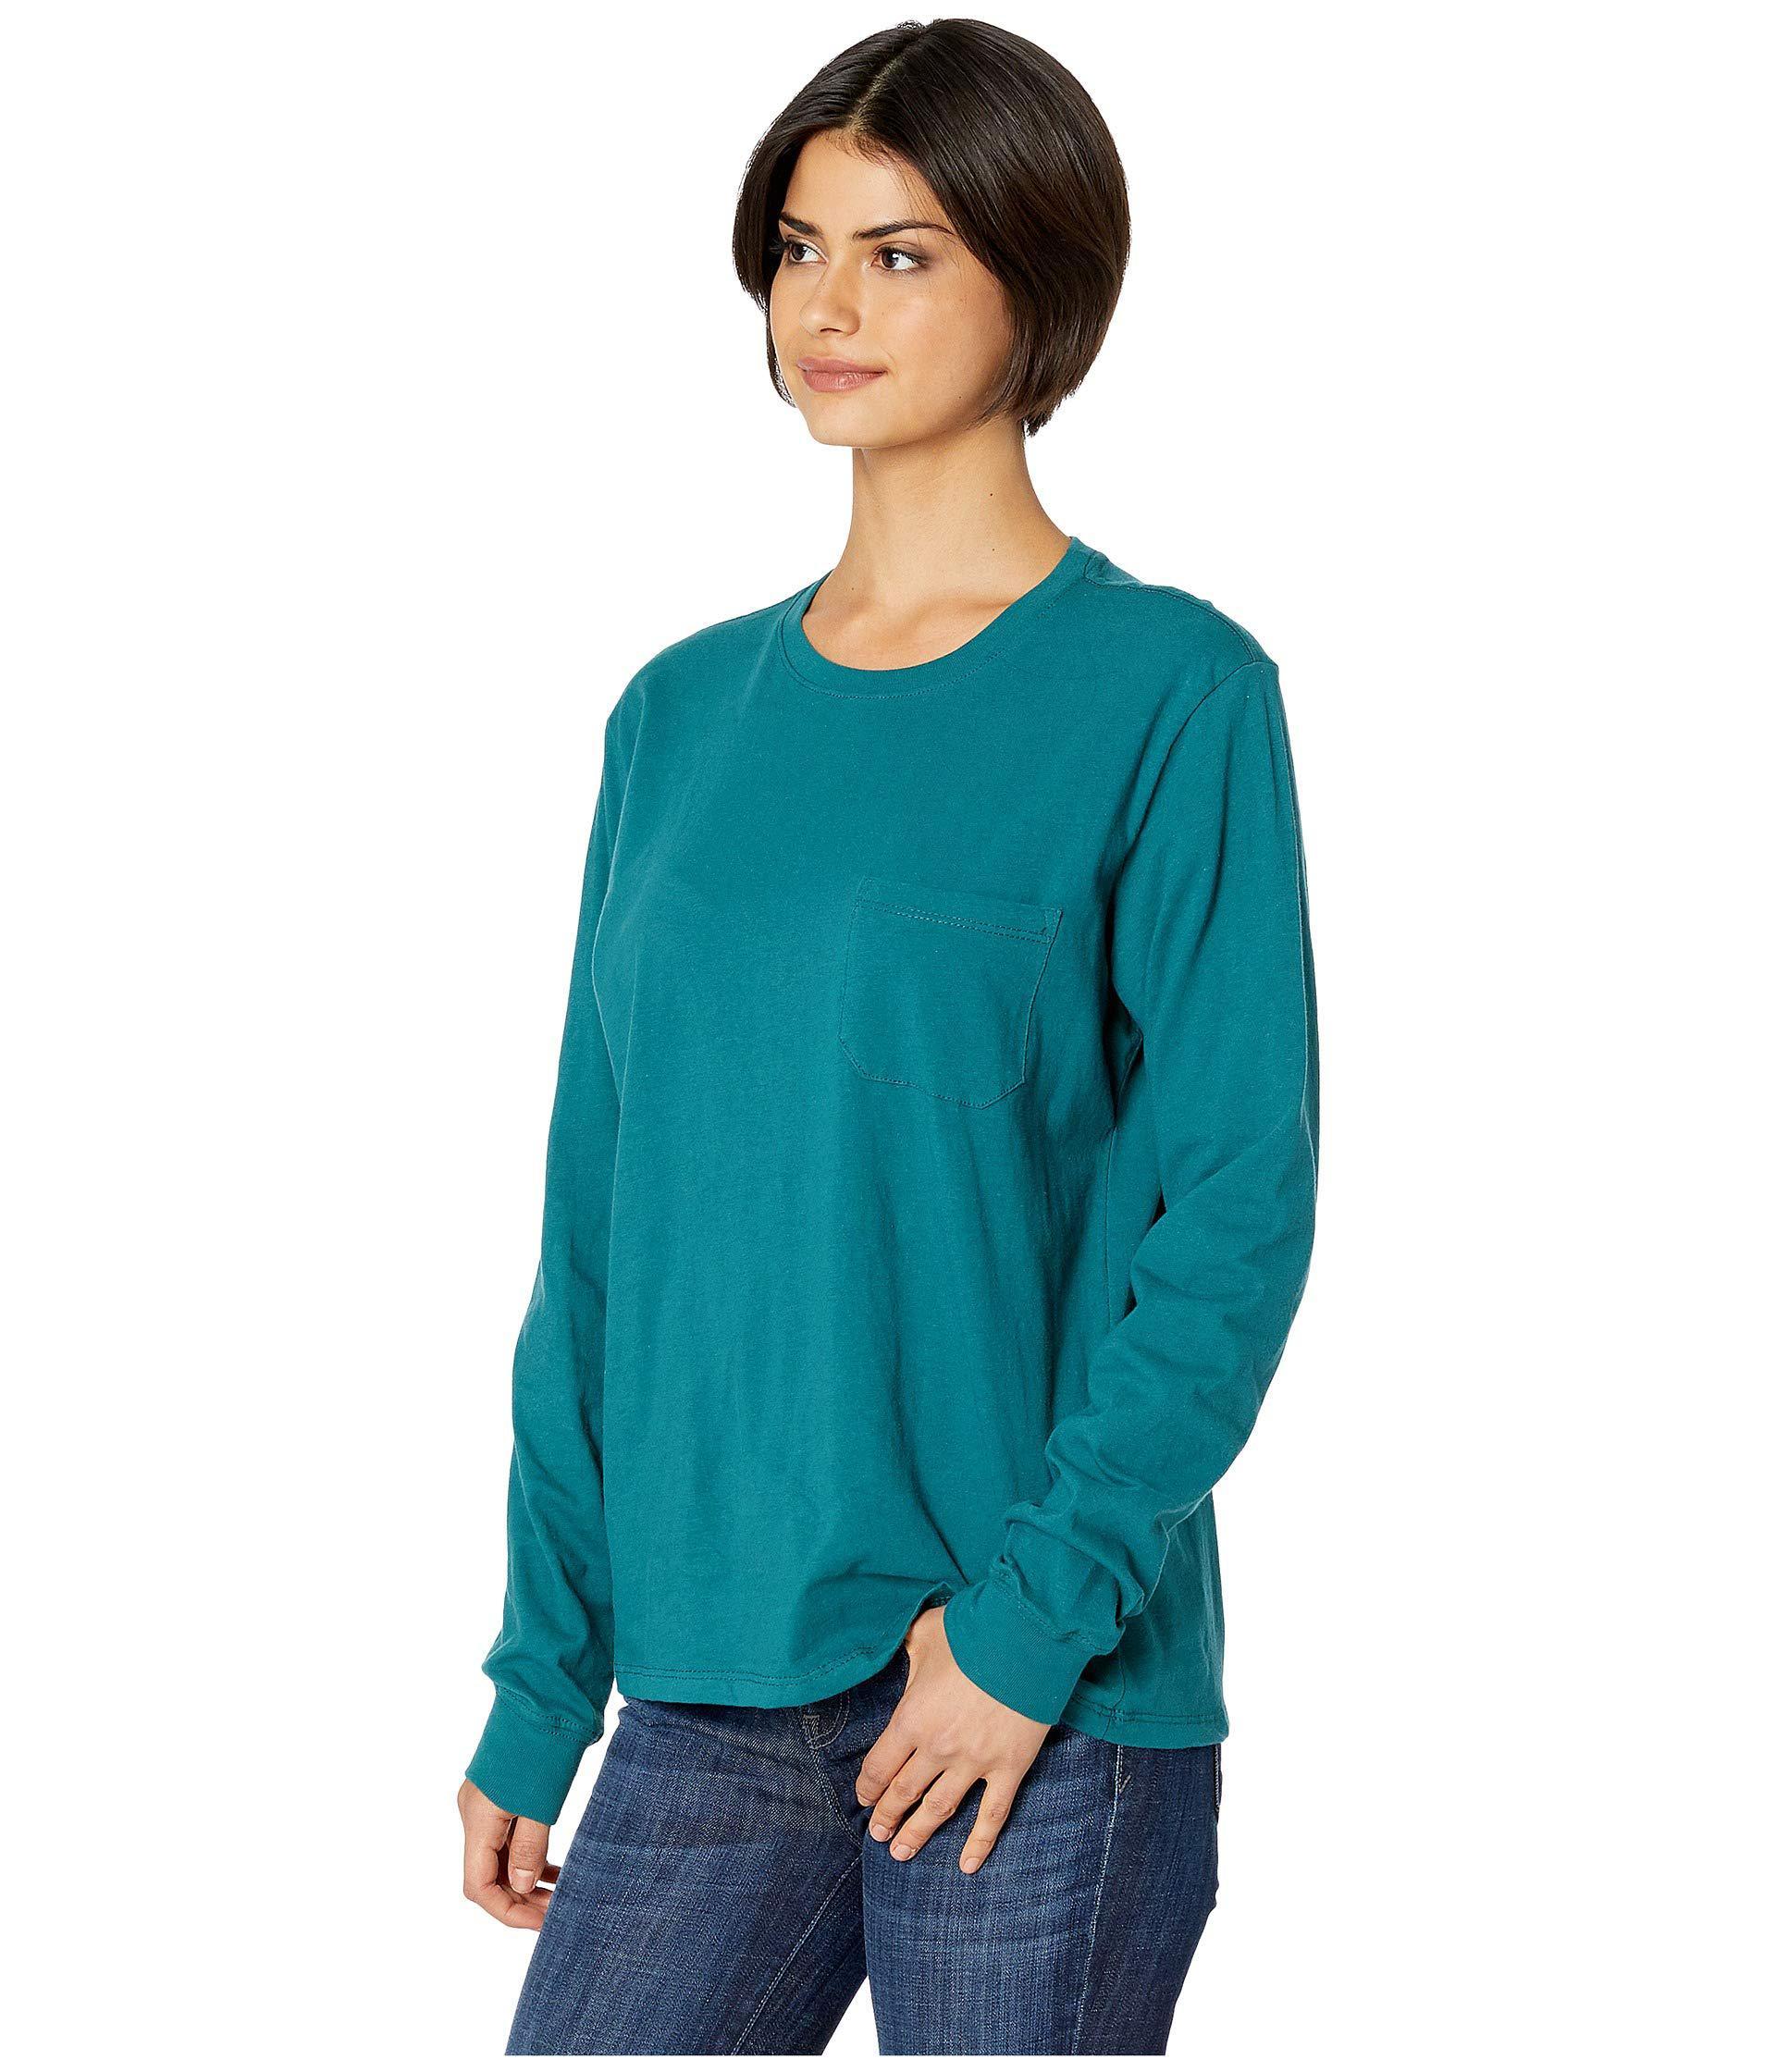 ec5b7e2d596 Lyst - Richer Poorer Long Sleeve Pocket Tee (green) Women s T Shirt in Green